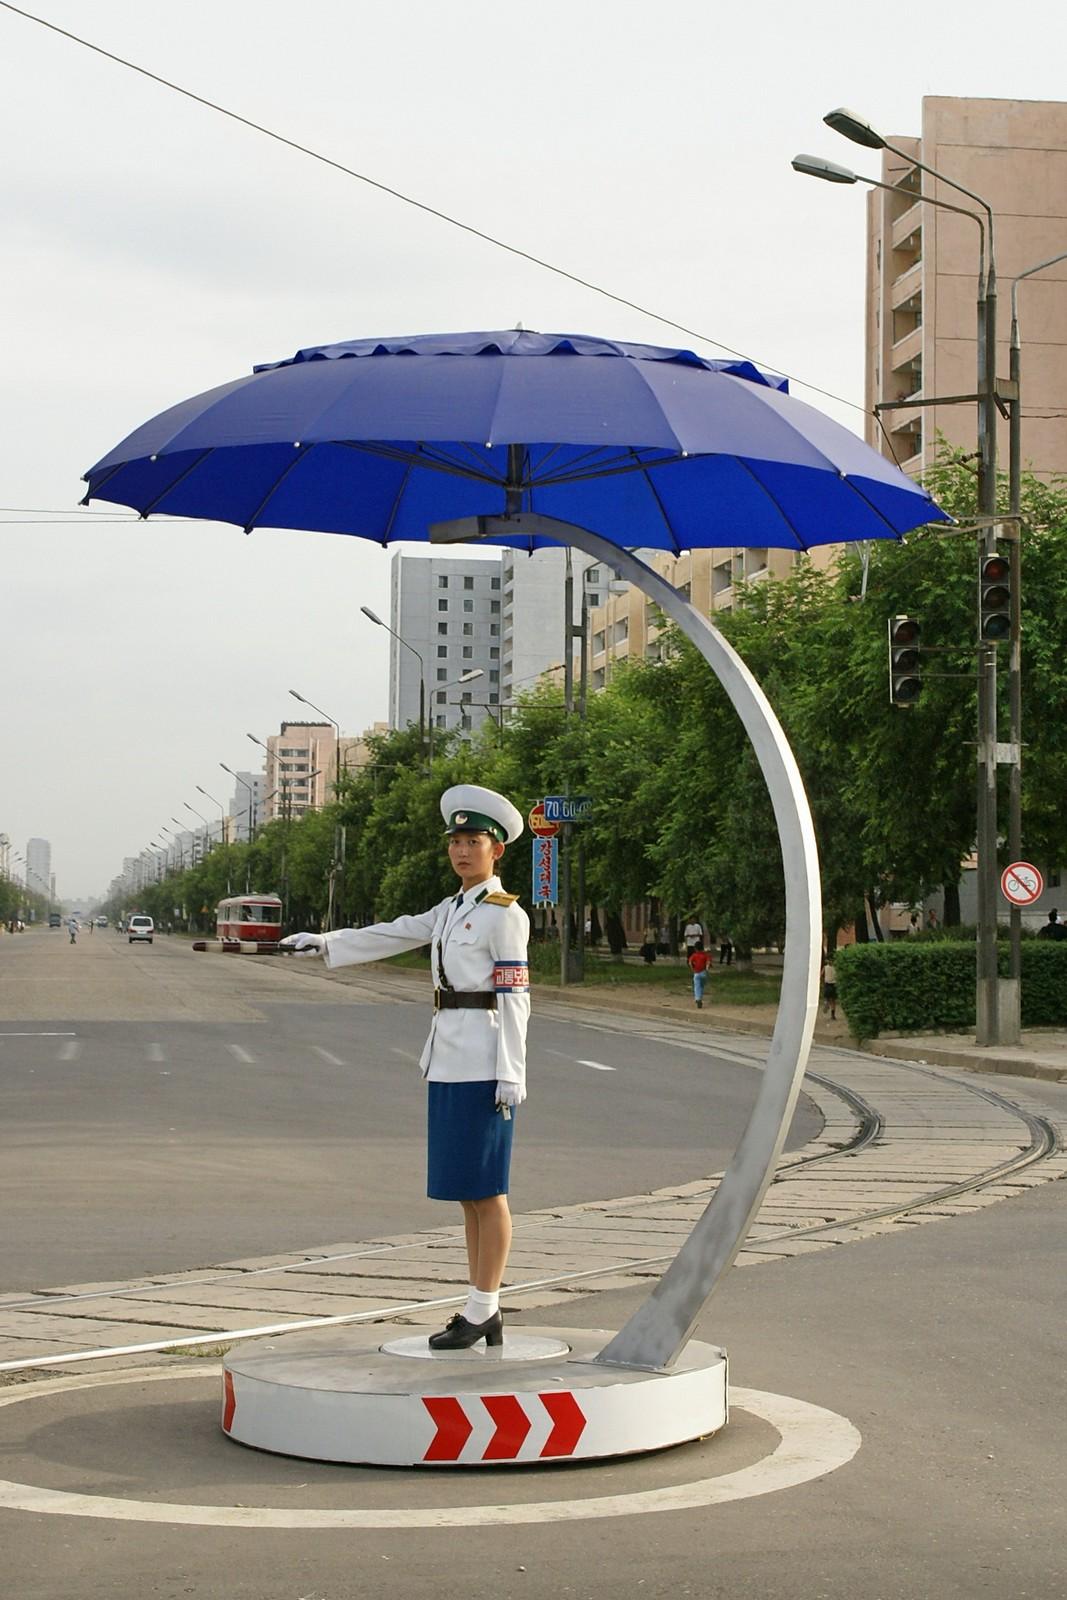 Umbrellas for the traffic ladies